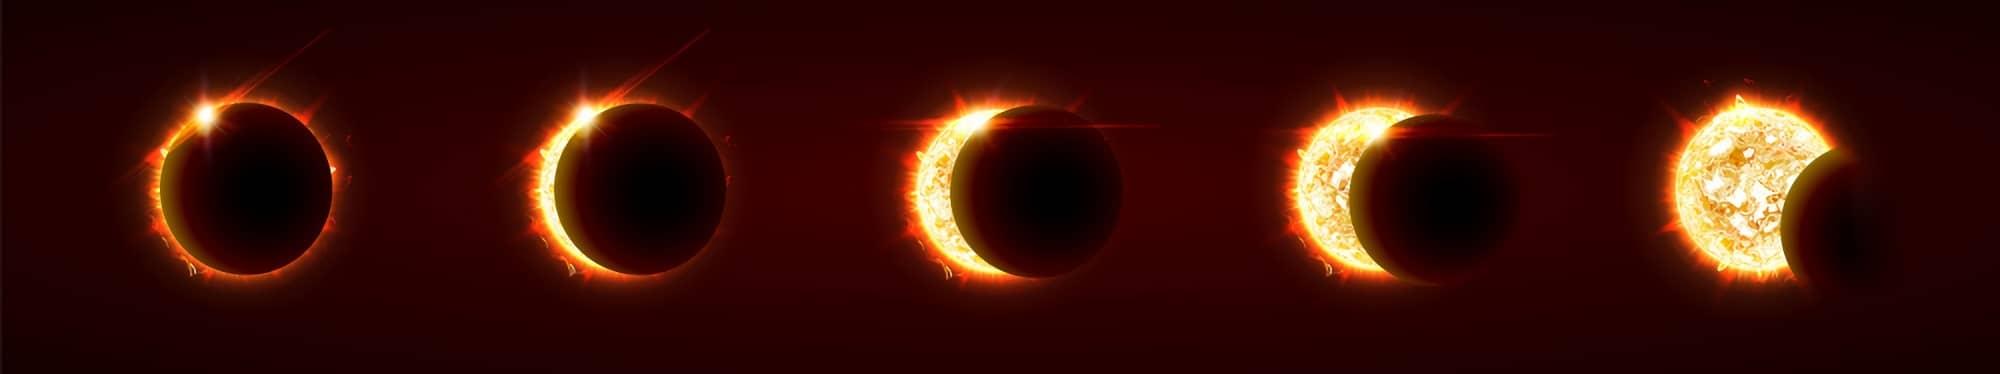 Éclipse solaire totale ou partielle